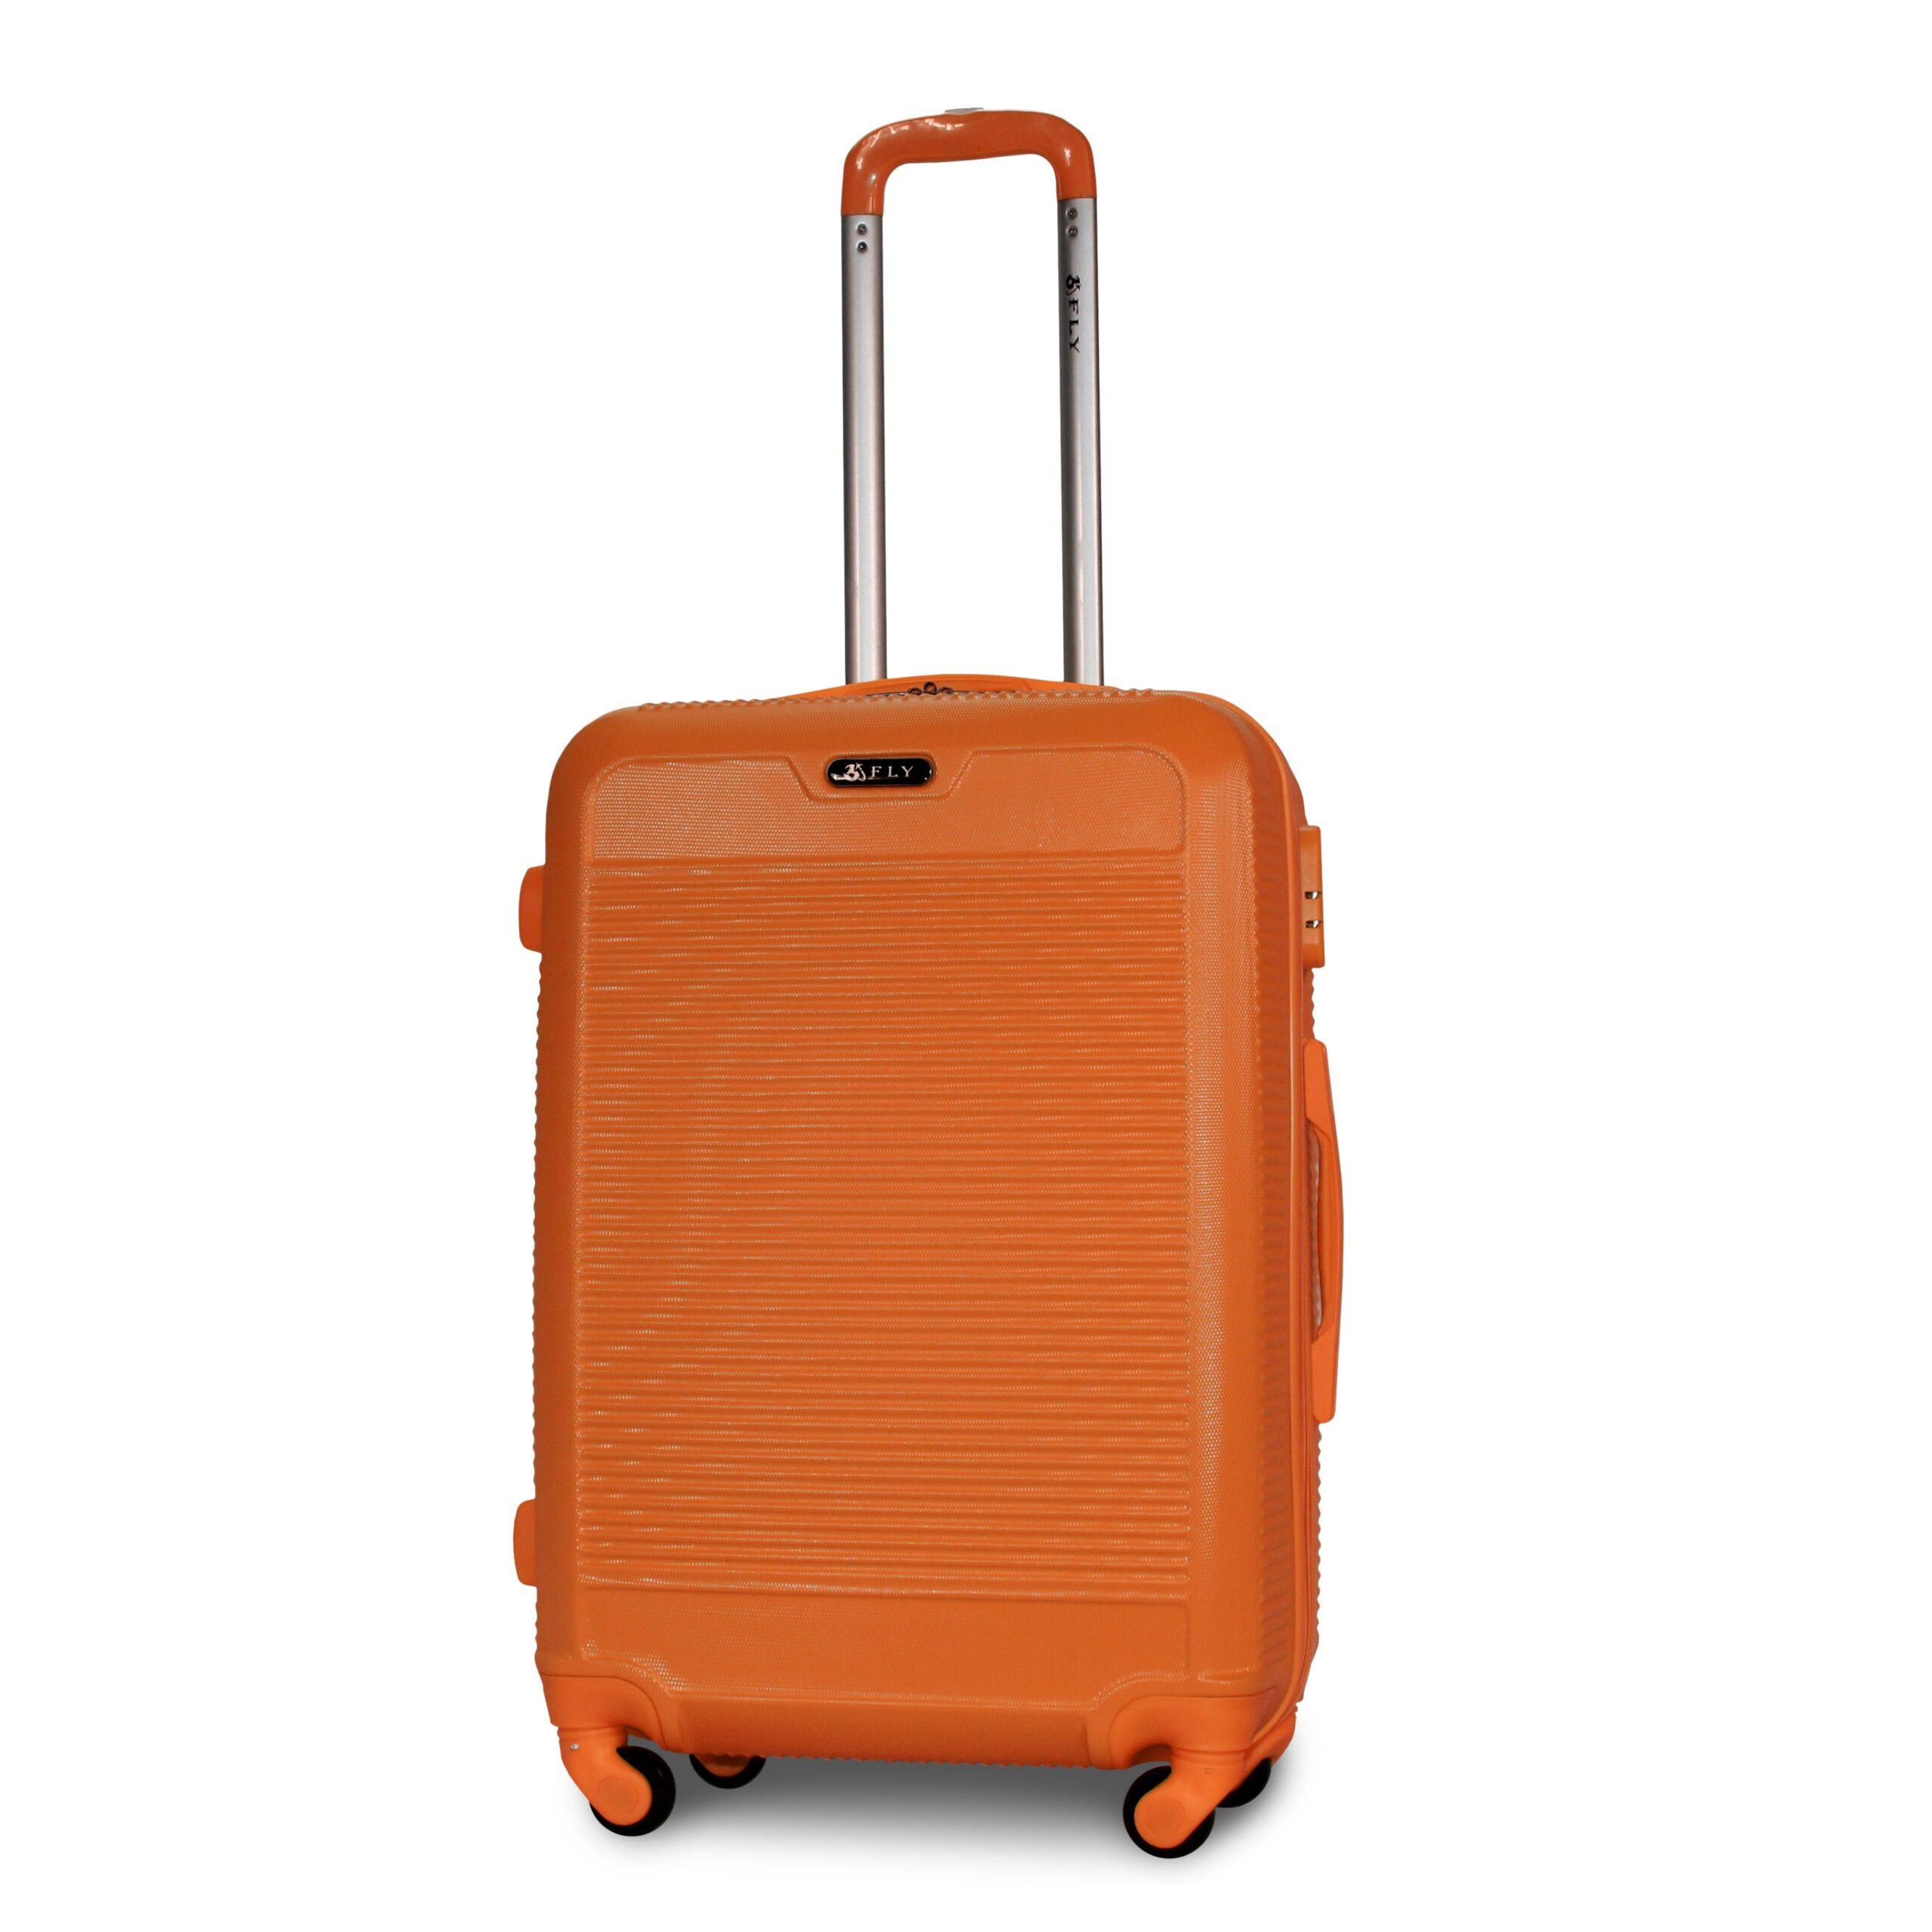 Средний чемодан (M) на 4 колесах | Fly 1093-F | пластиковый